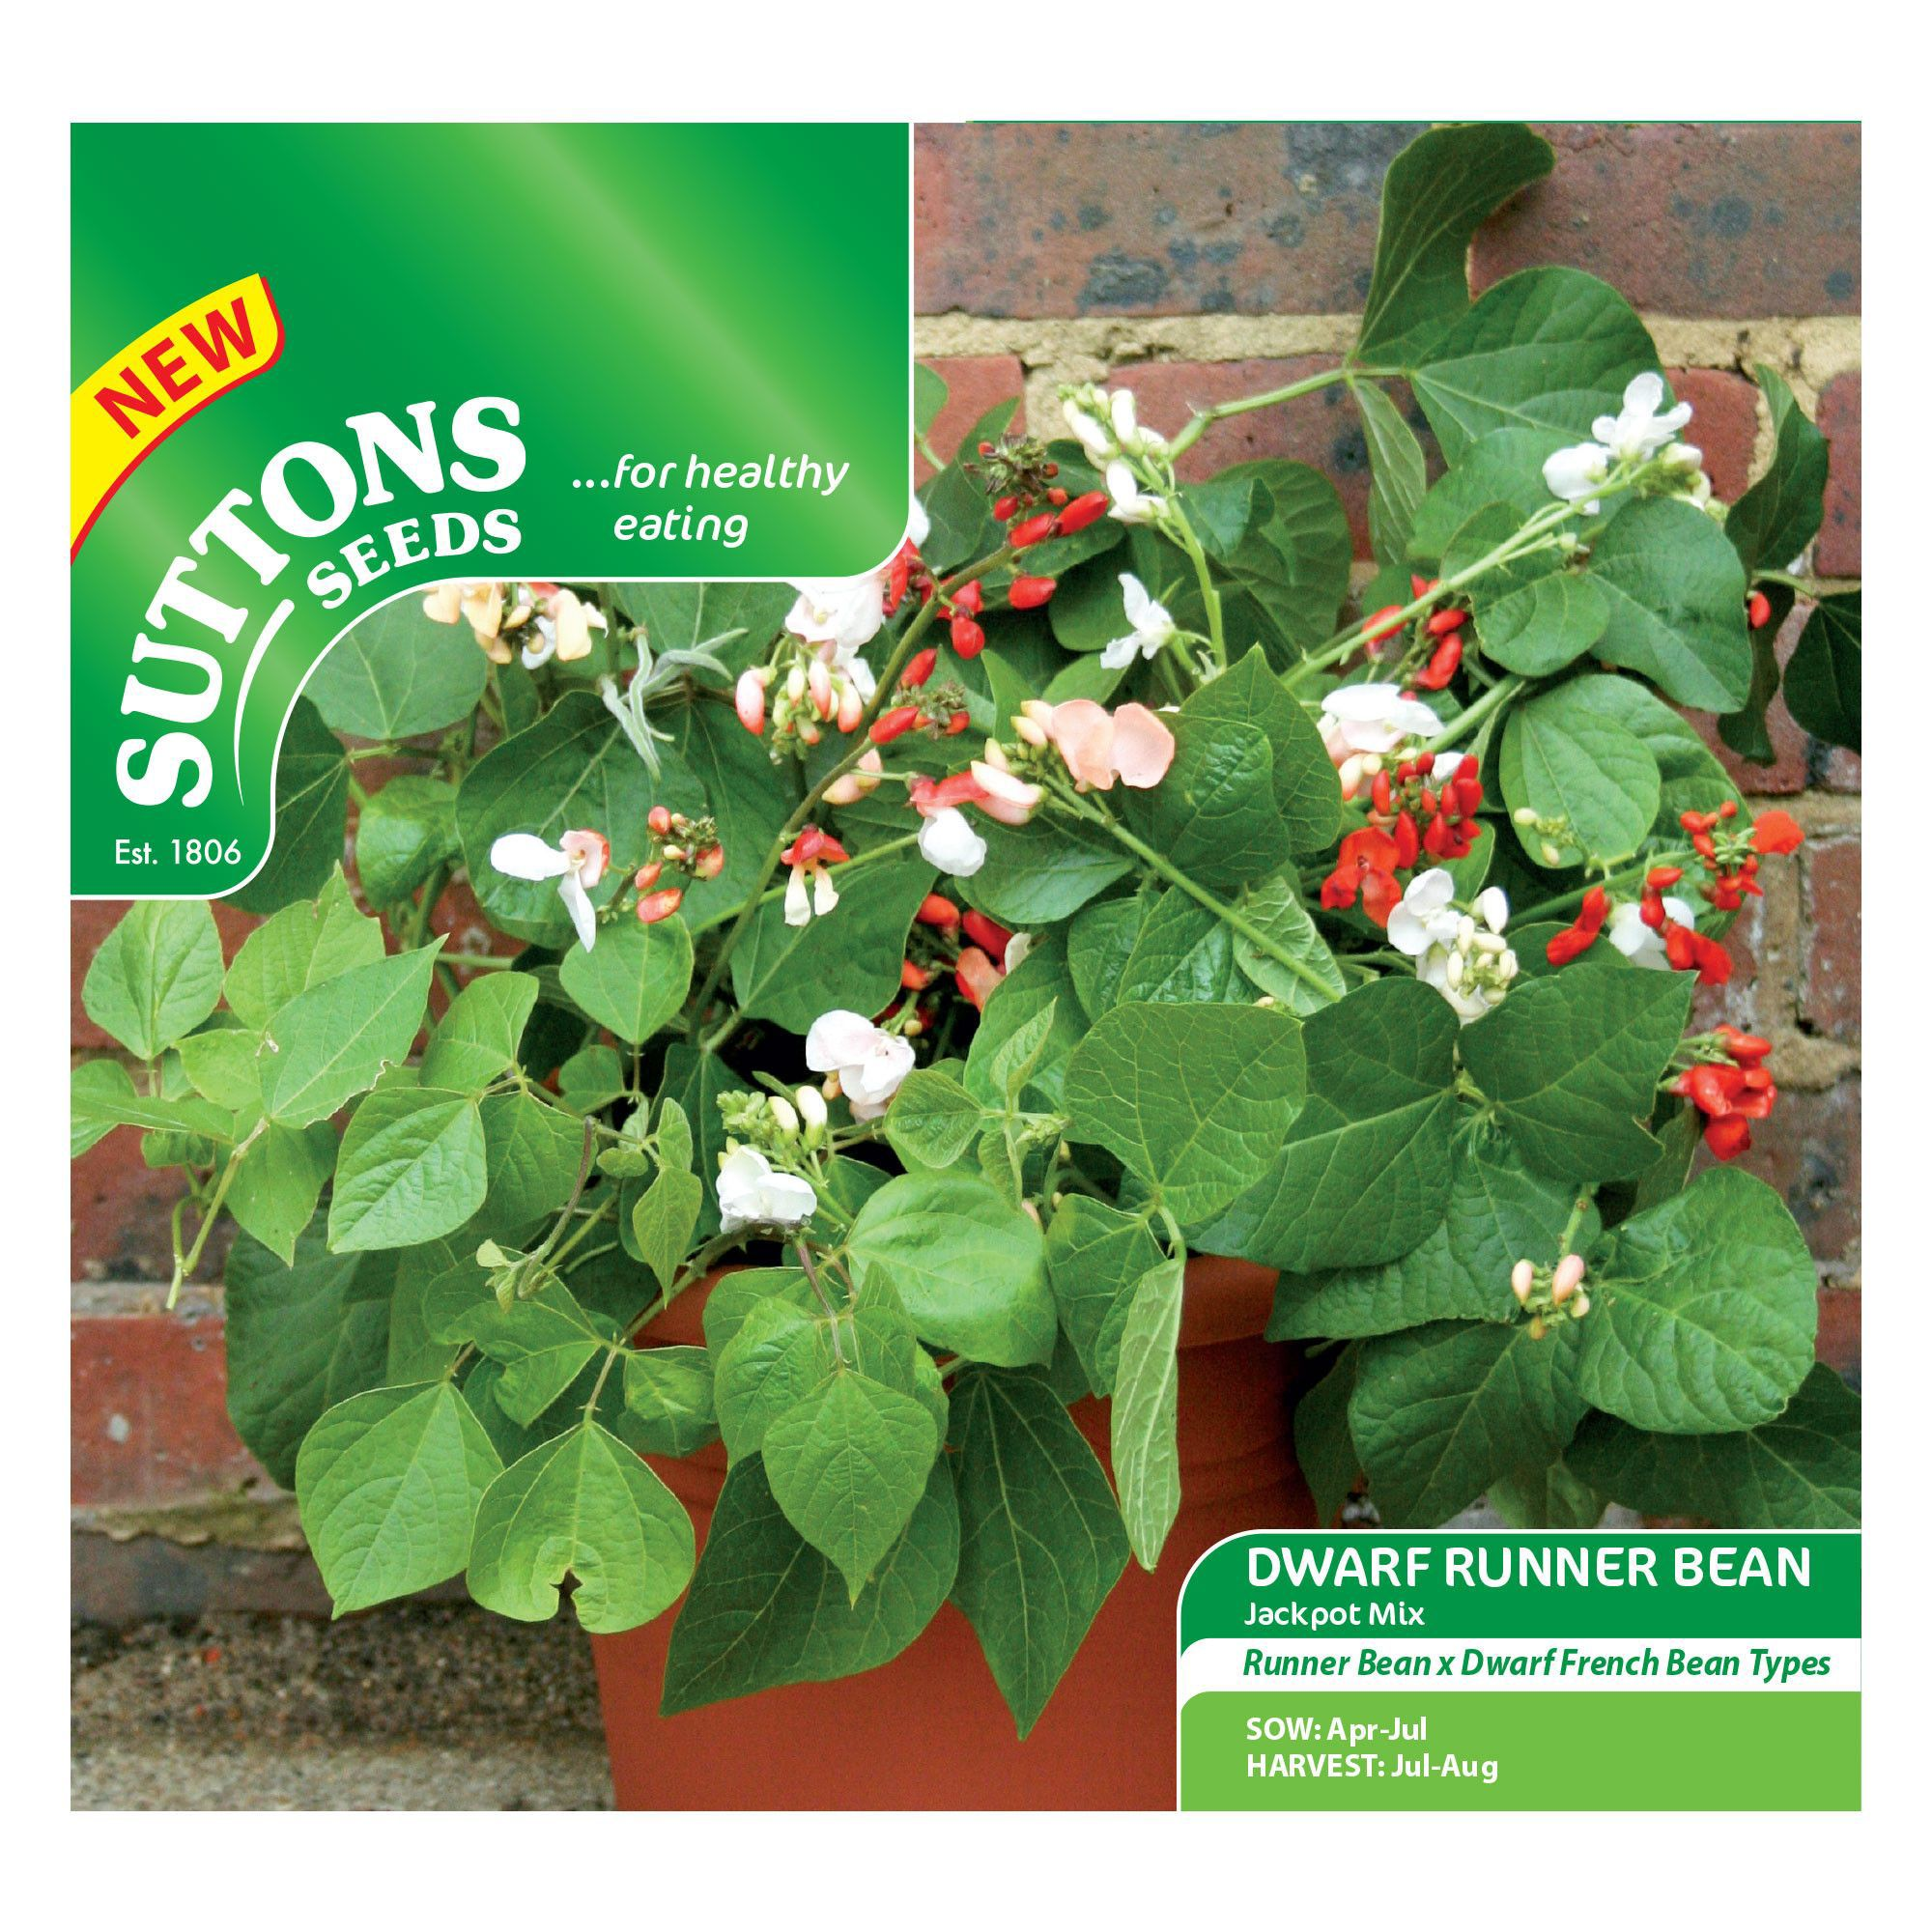 Suttons Dwarf runner bean Seeds, Jackpot mix